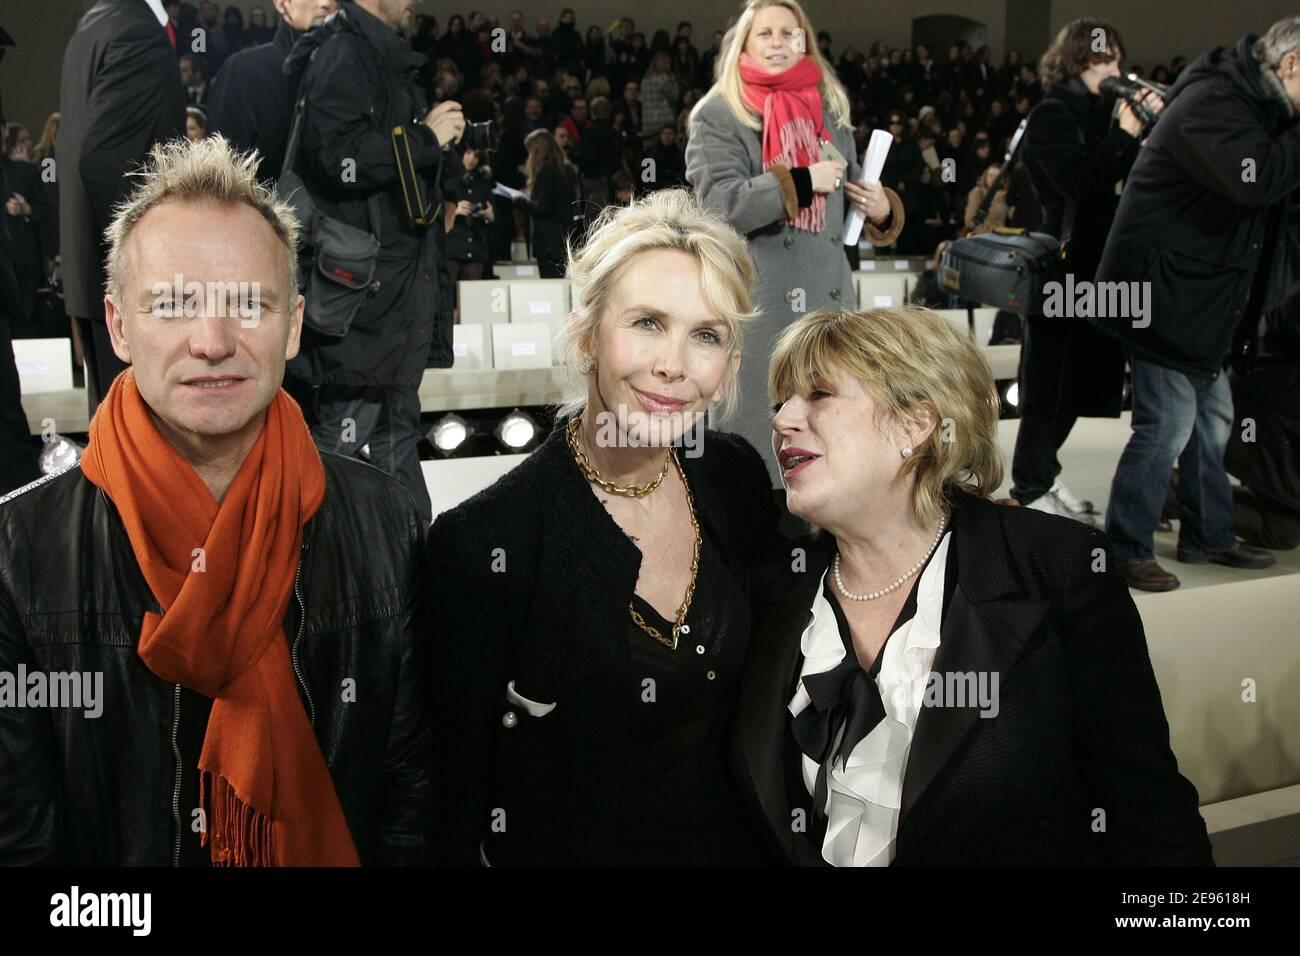 Der britische Sänger Sting, seine Frau Trudie Styler und Marianne Faithfull besuchen Chanels Herbst-Winter 2006-2007 Ready-to-Wear Modenschau vom deutschen Schöpfer Karl Lagerfeld am 2. März 2006 in Paris, Frankreich. Foto von Orban-Taamallah-Zabulon/ABACAPRESS.COM Stockfoto